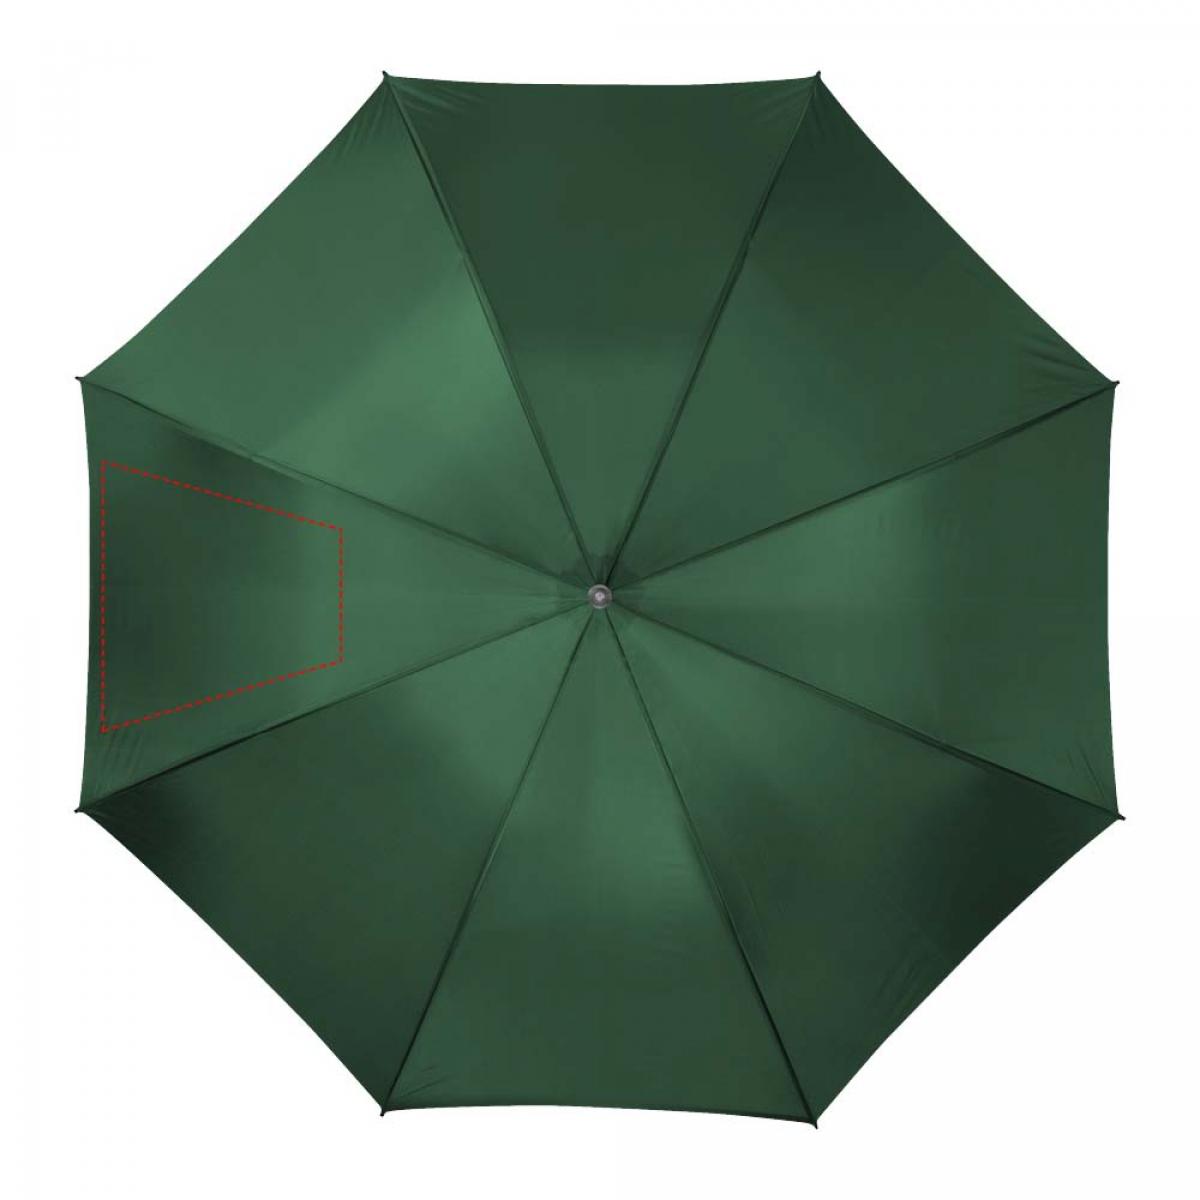 Paraplu met metalen stok - 7de paneel